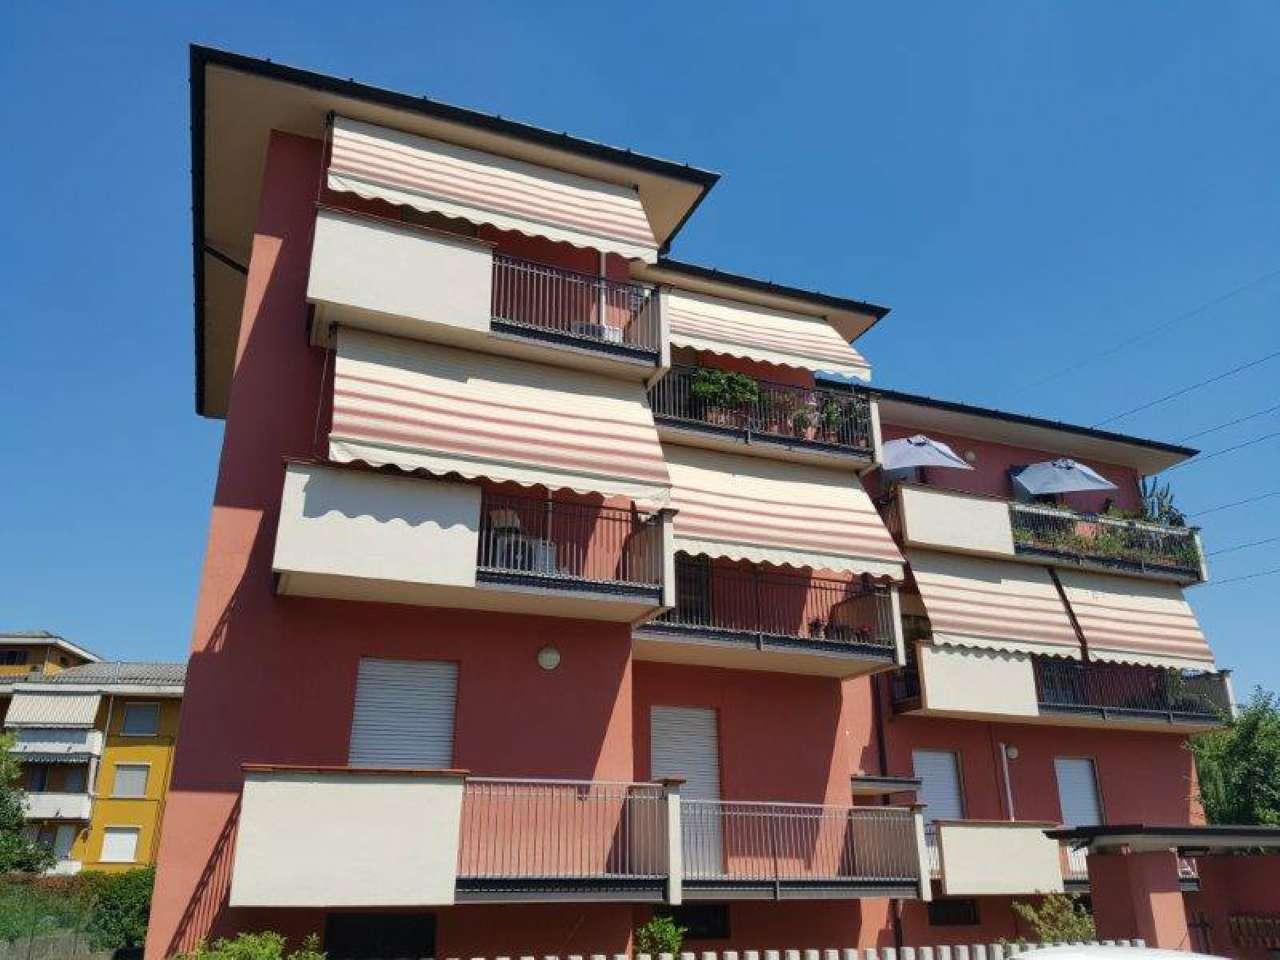 Appartamento in vendita a Crema, 3 locali, prezzo € 90.000 | CambioCasa.it